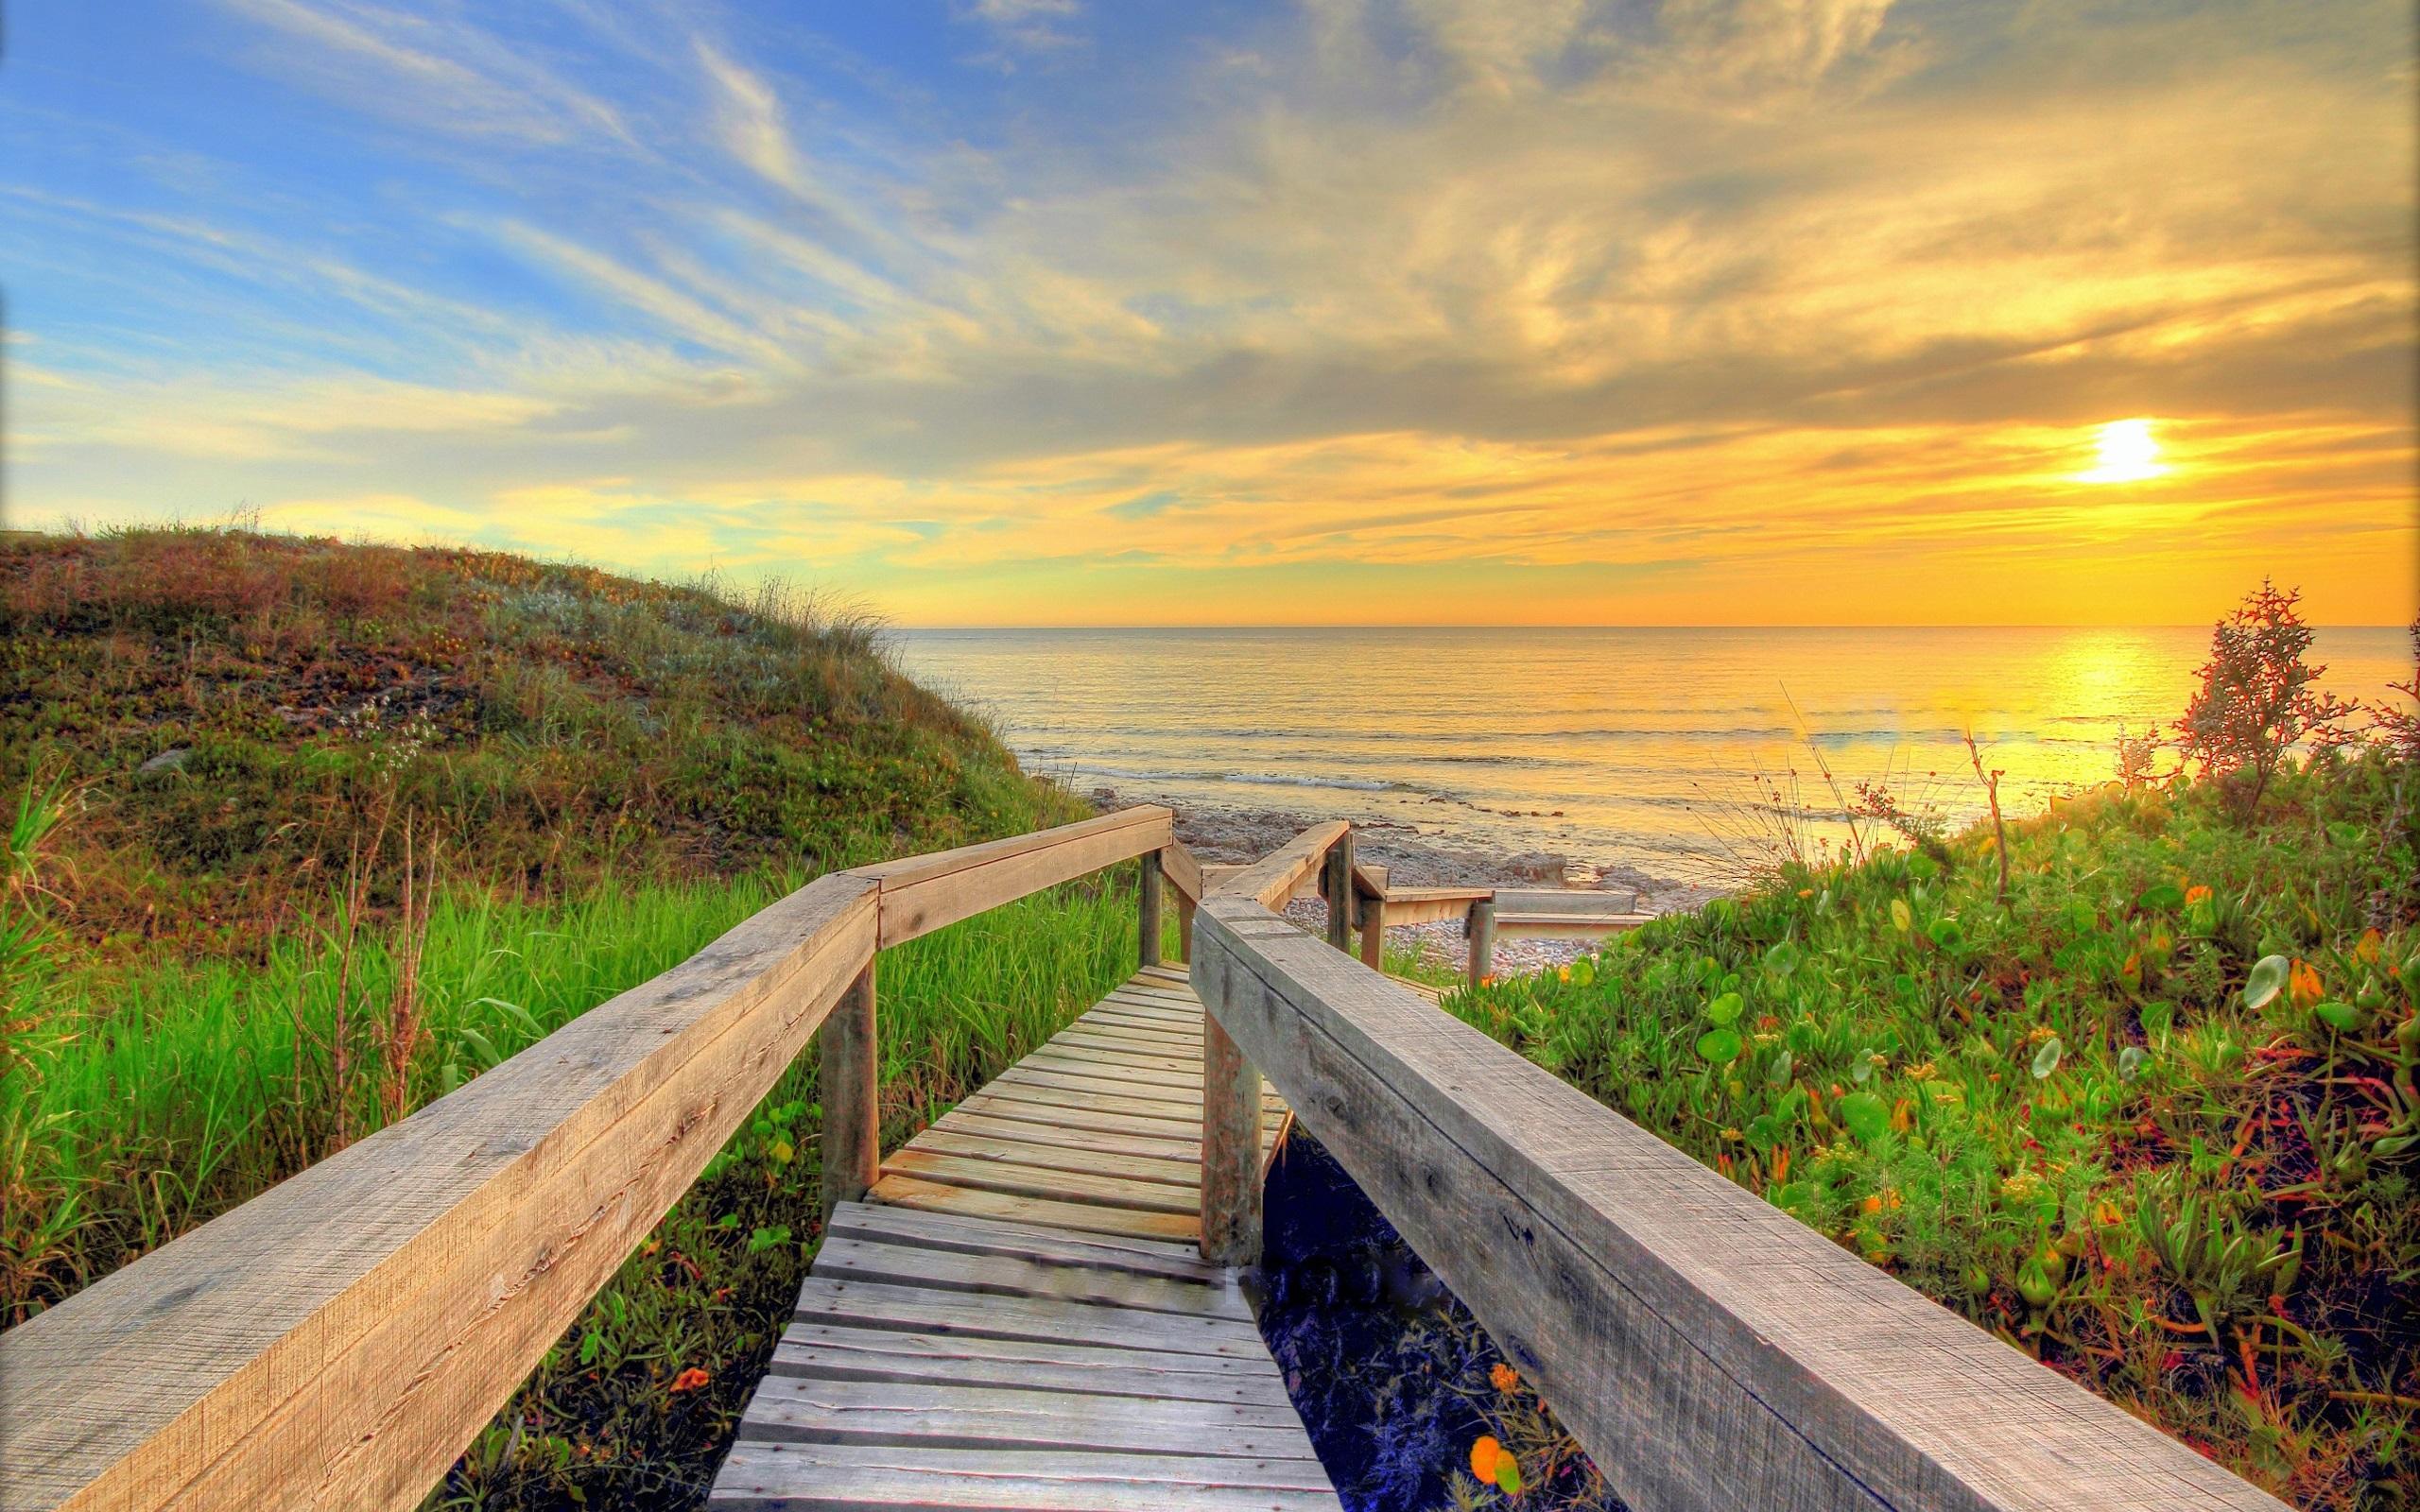 Море пляж деревянный мост солнце